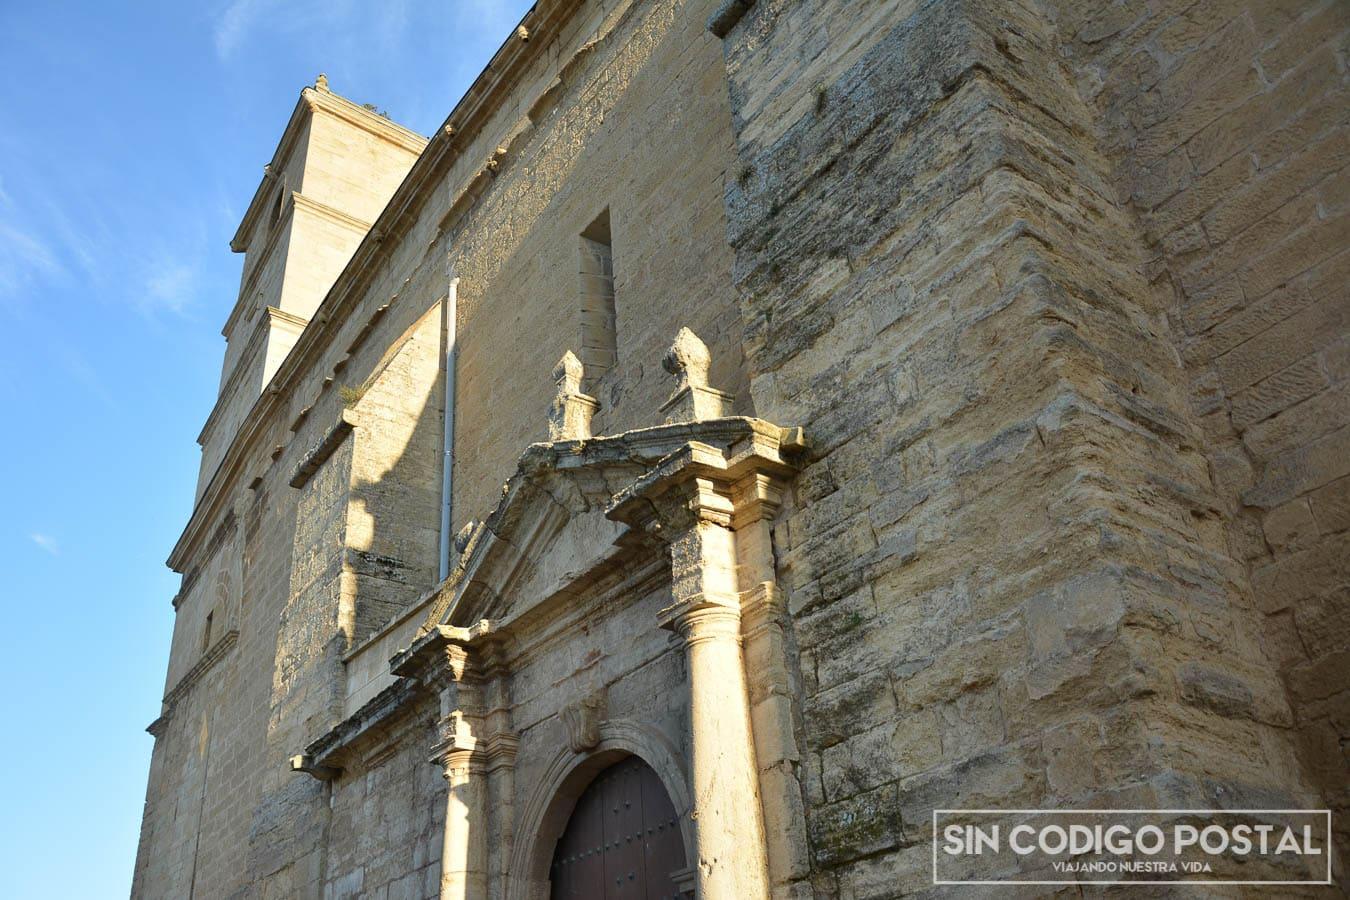 Fachada de la iglesia de la Encarnación